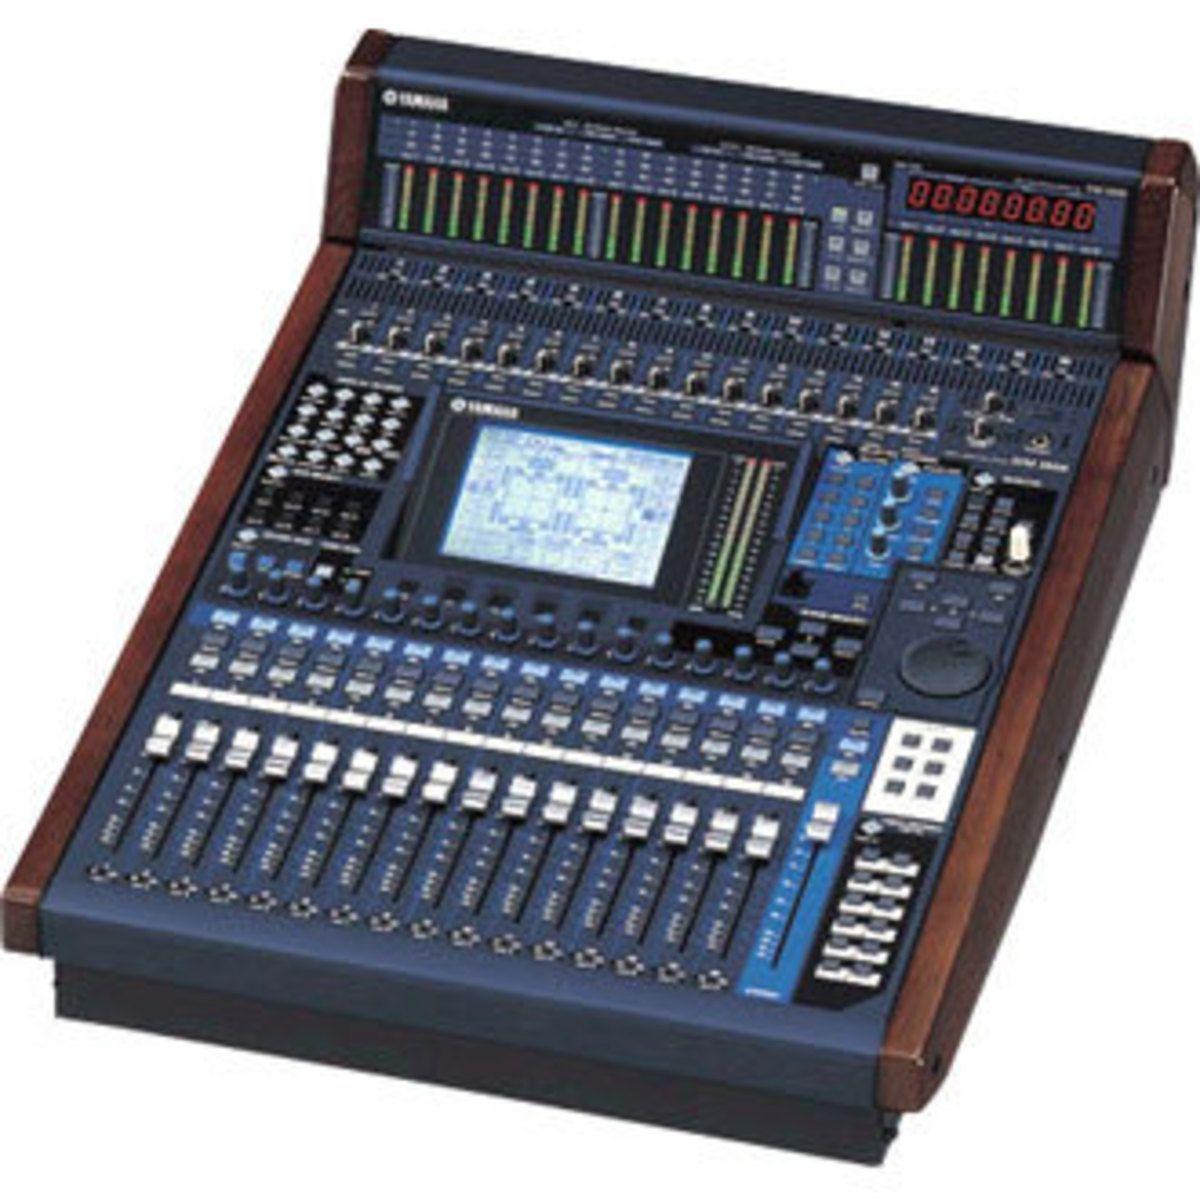 yamaha dm1000 image 25689 audiofanzine